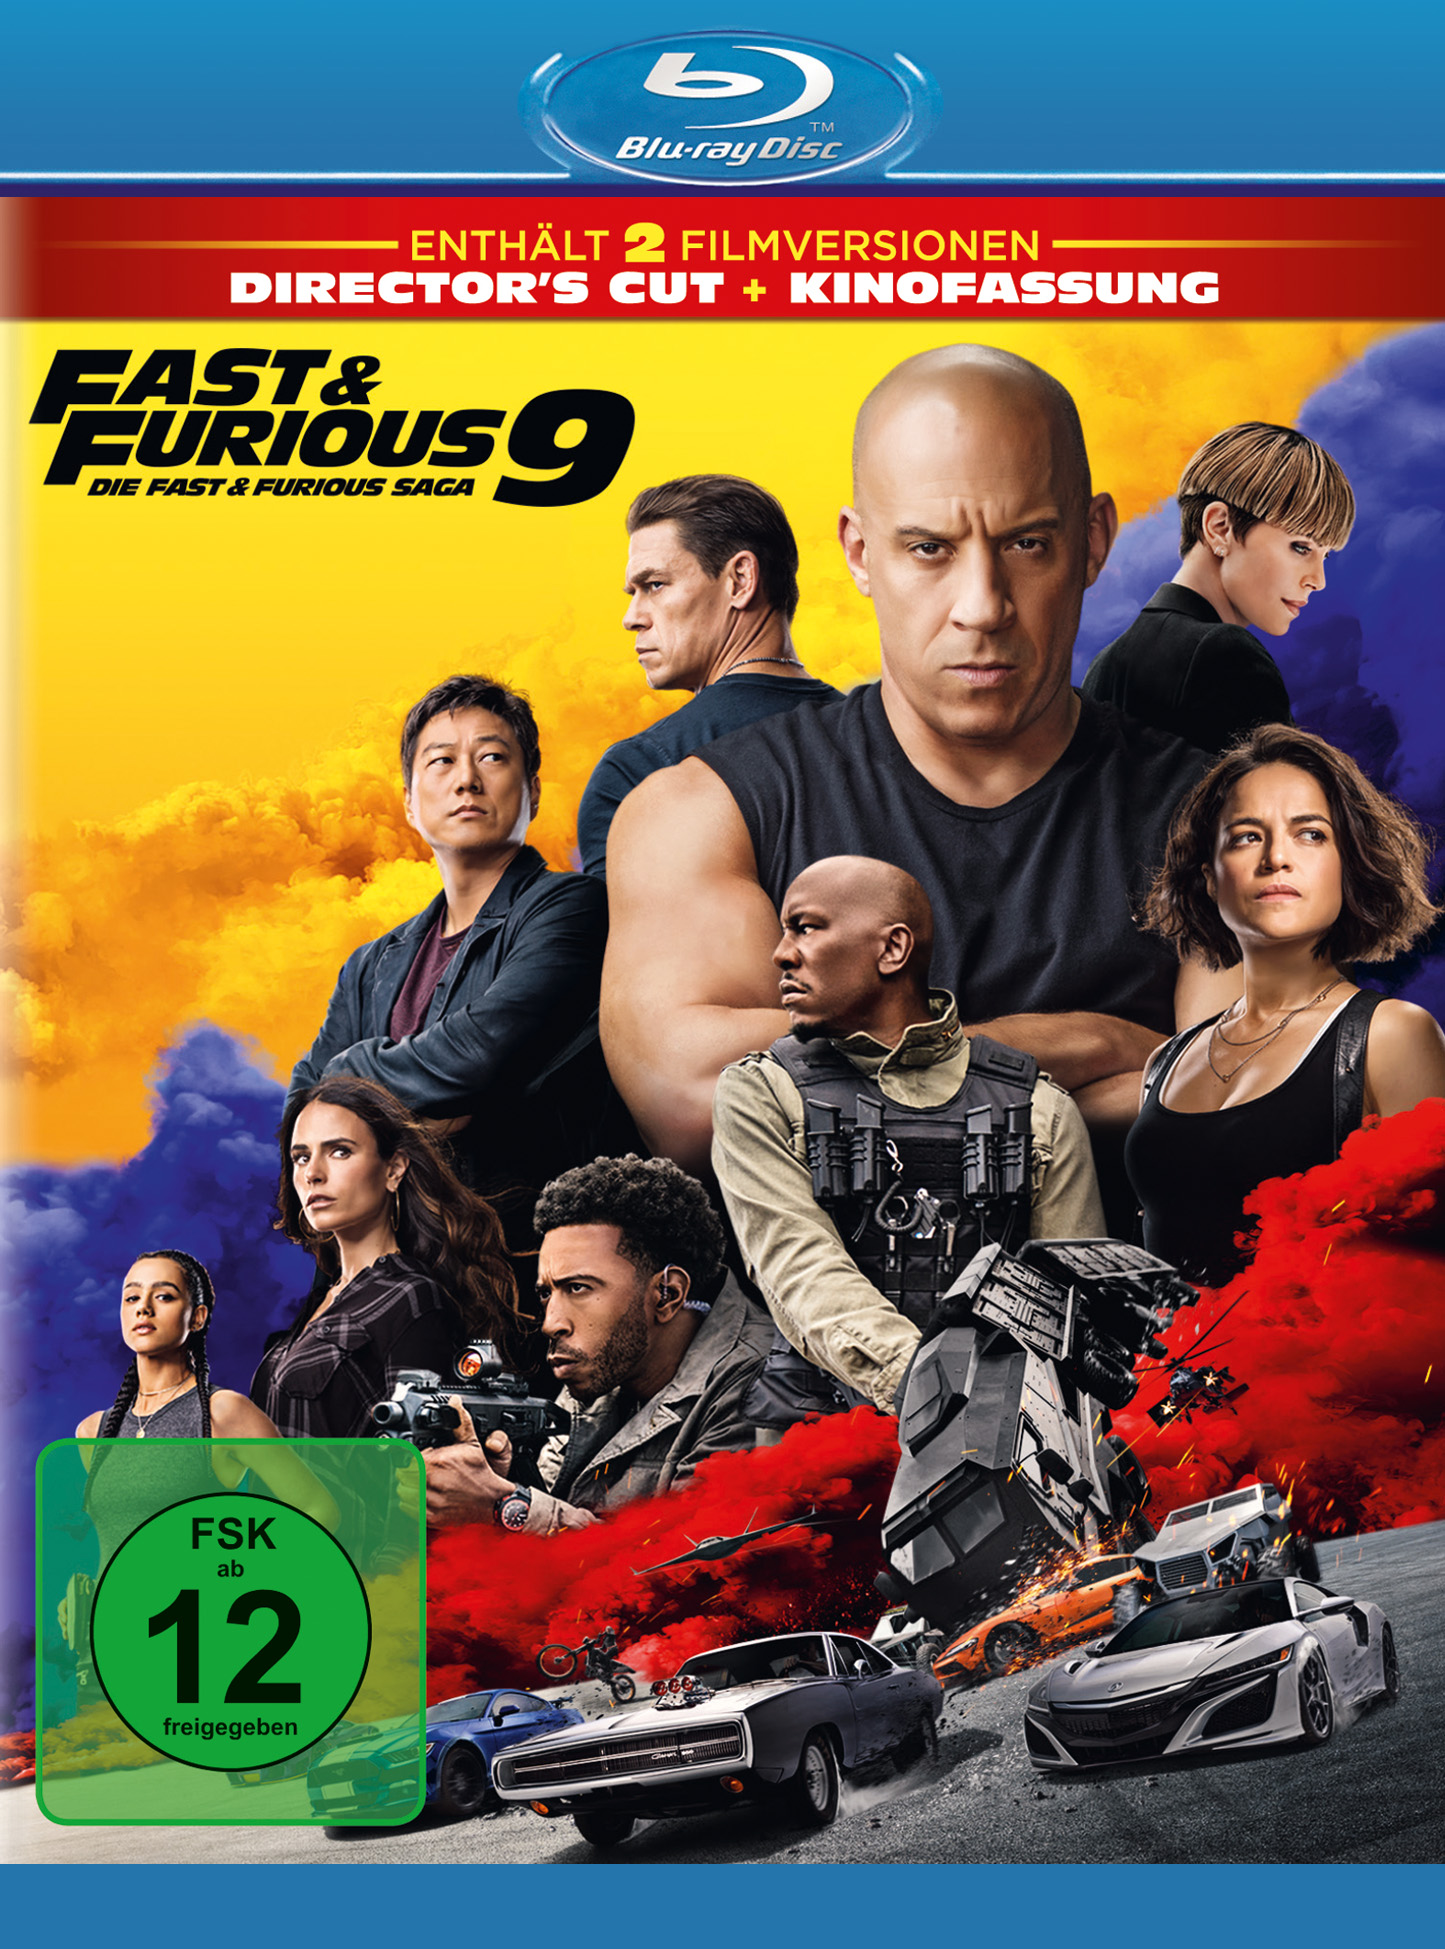 Die Frontansicht der Blu-Ray Disc zu Fast & Furious 9 zeigt die Hauptfiguren, unten im Bild einige Autos und die Altersfreigabe.